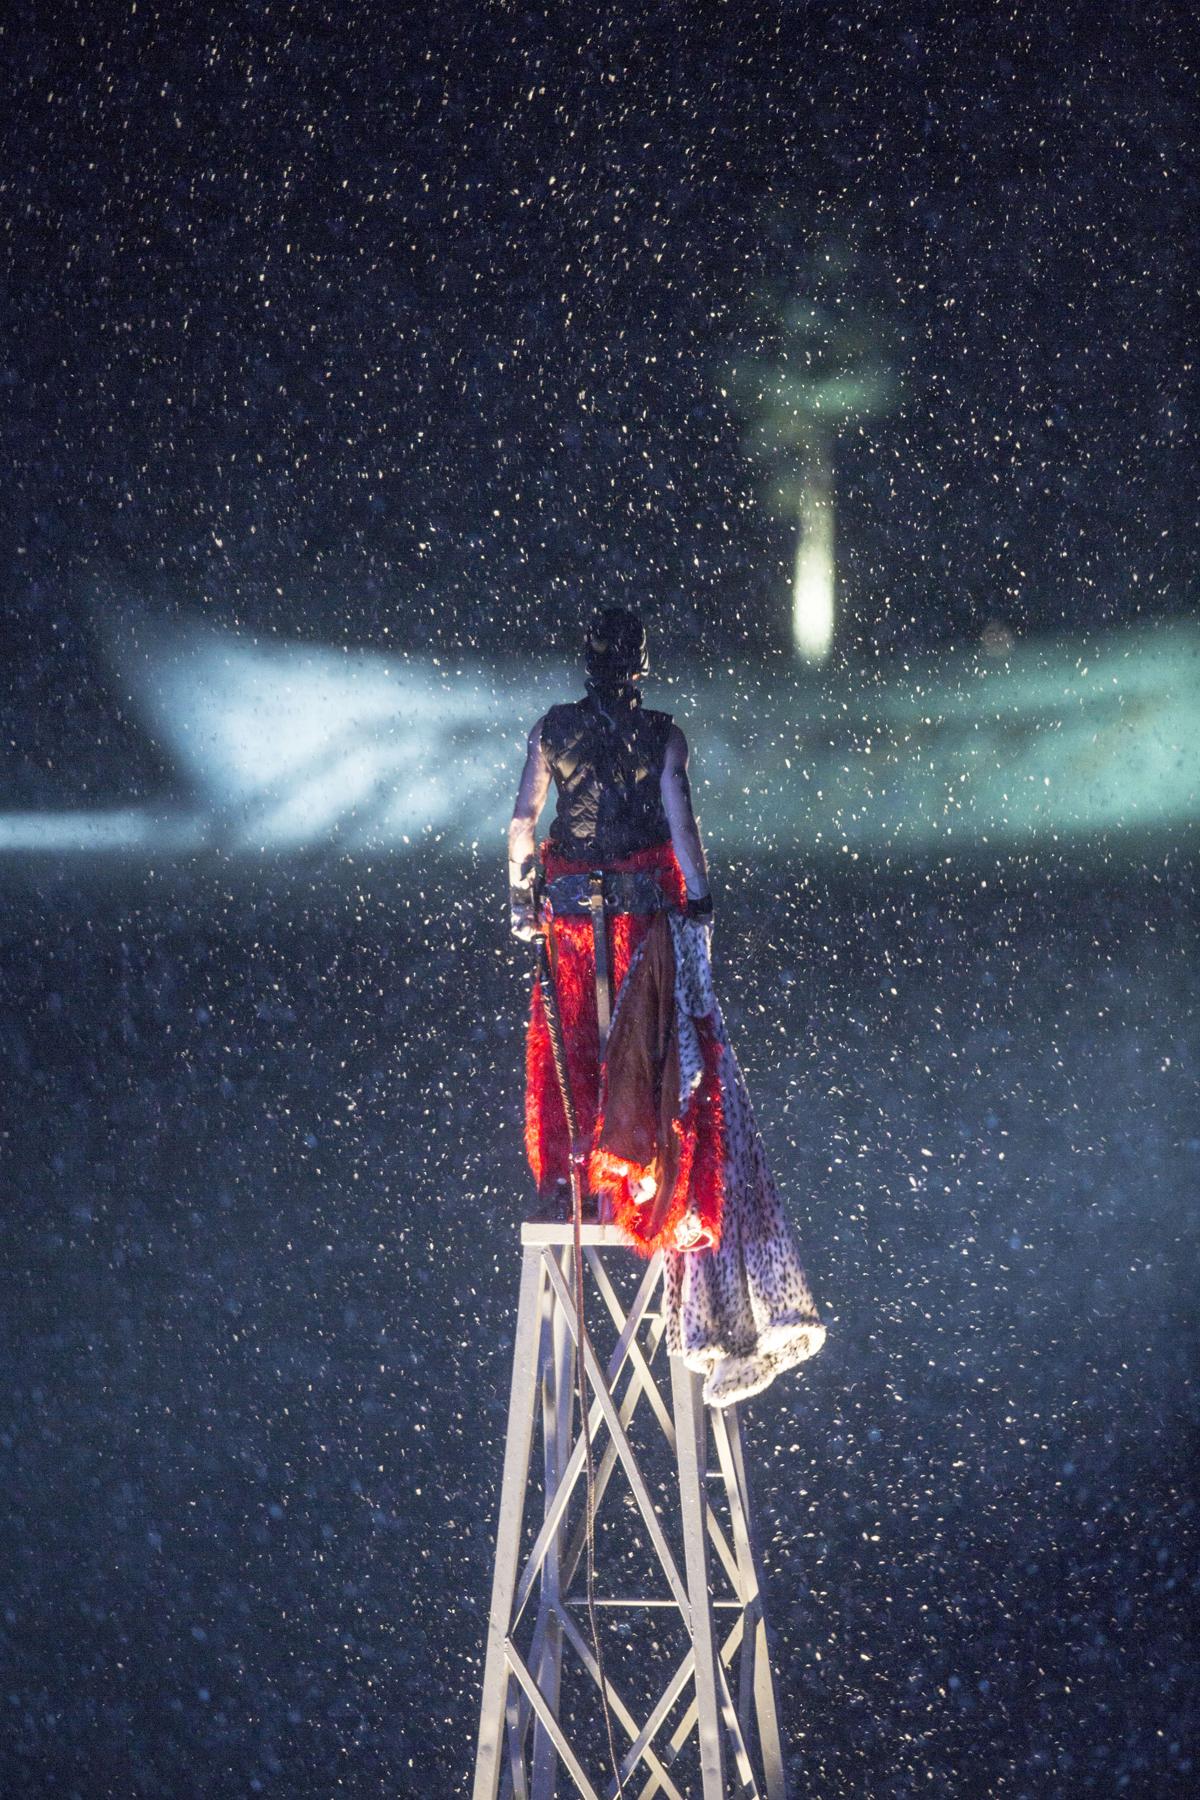 Hannibal von hinten mit Schiff Foto Lorenzi.jpg